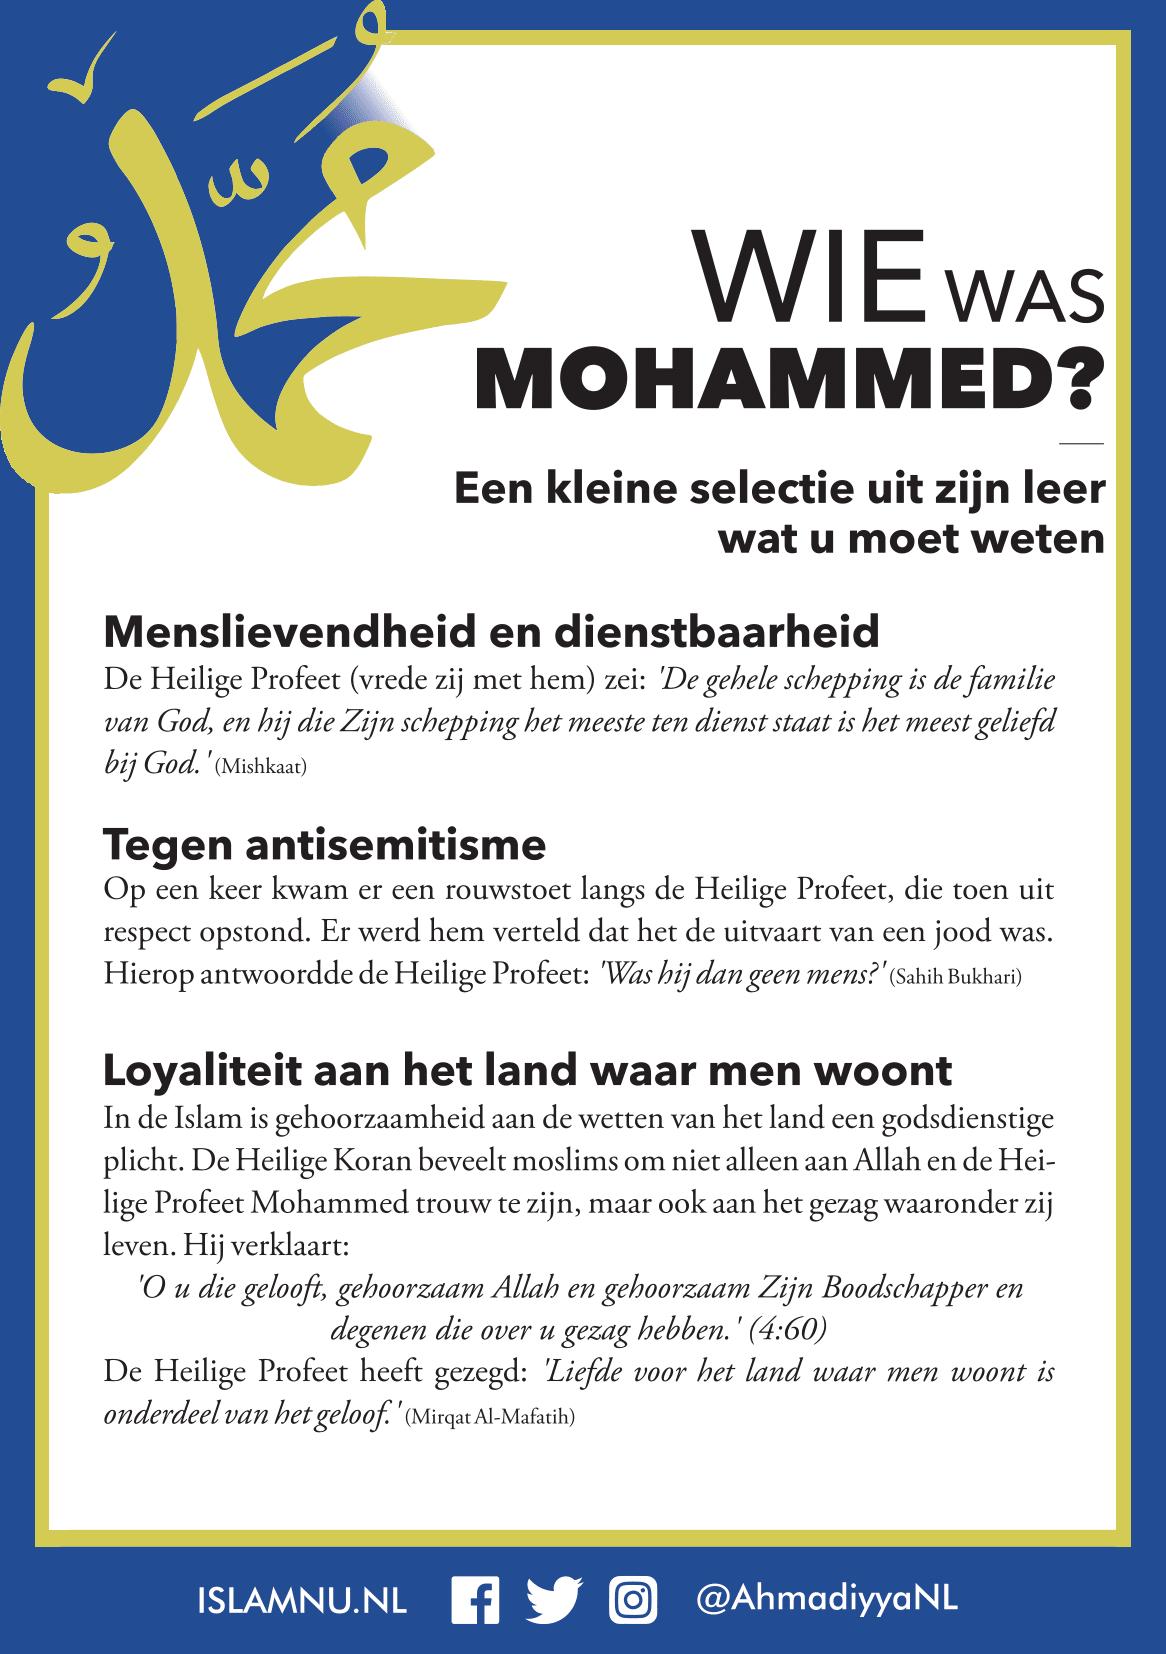 Muhammad-leaflet-1-1